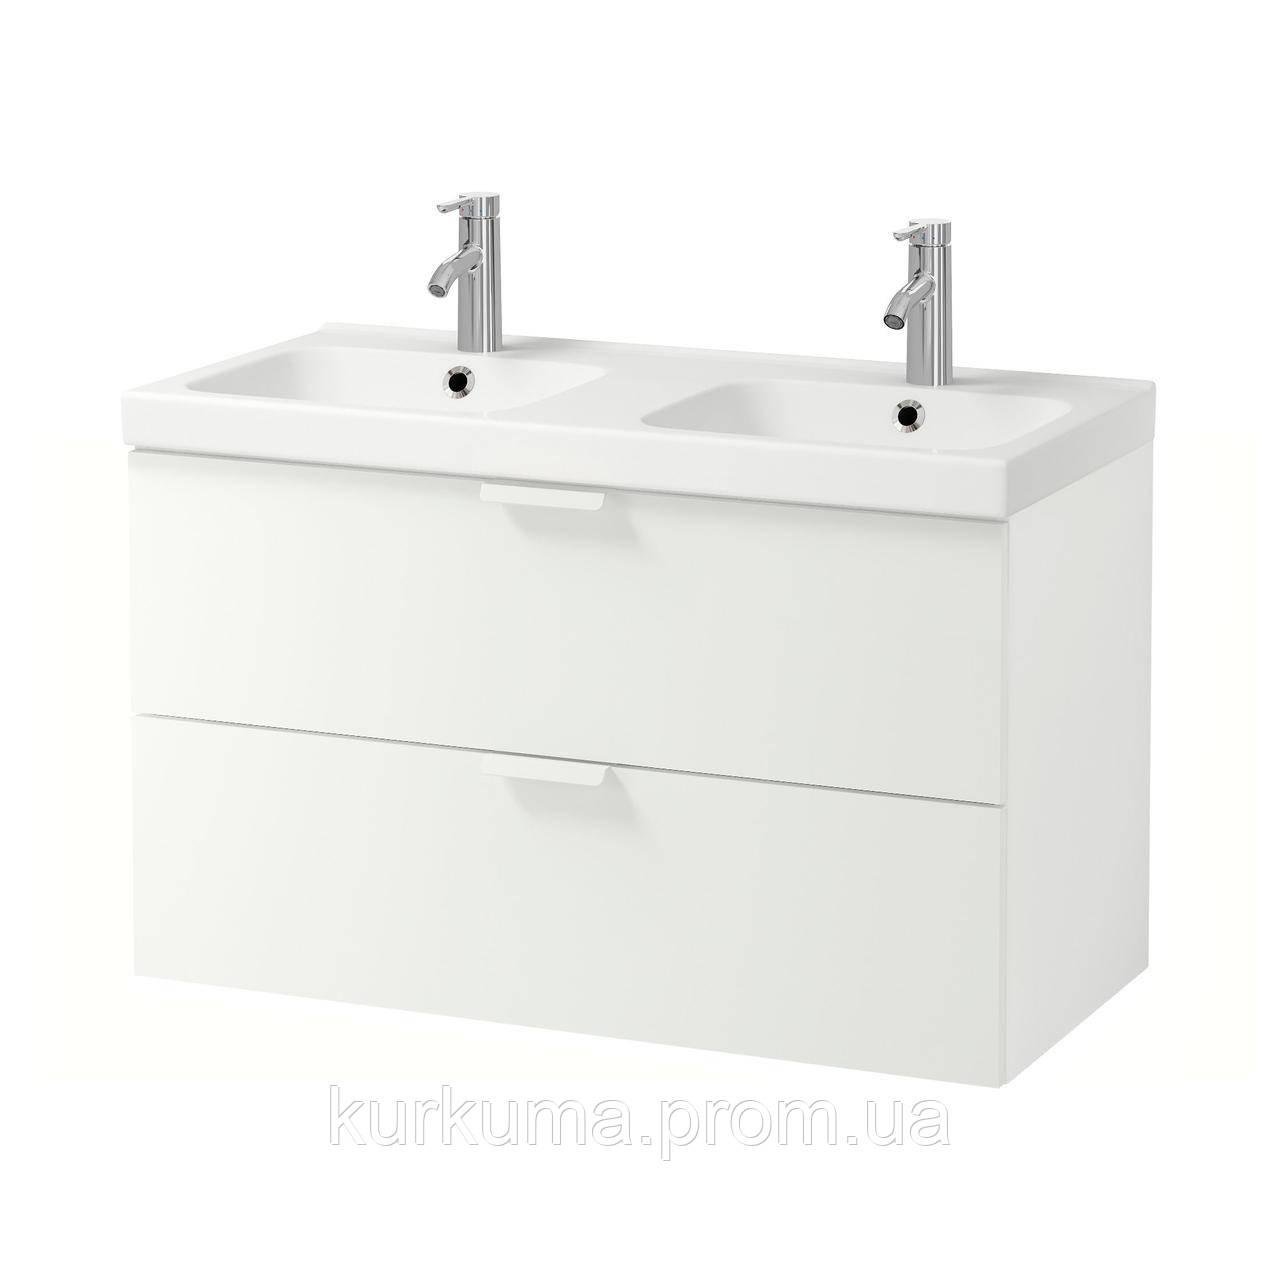 IKEA GODMORGON/ODENSVIK Шкаф под умывальник с раковиной, белый  (191.852.25)